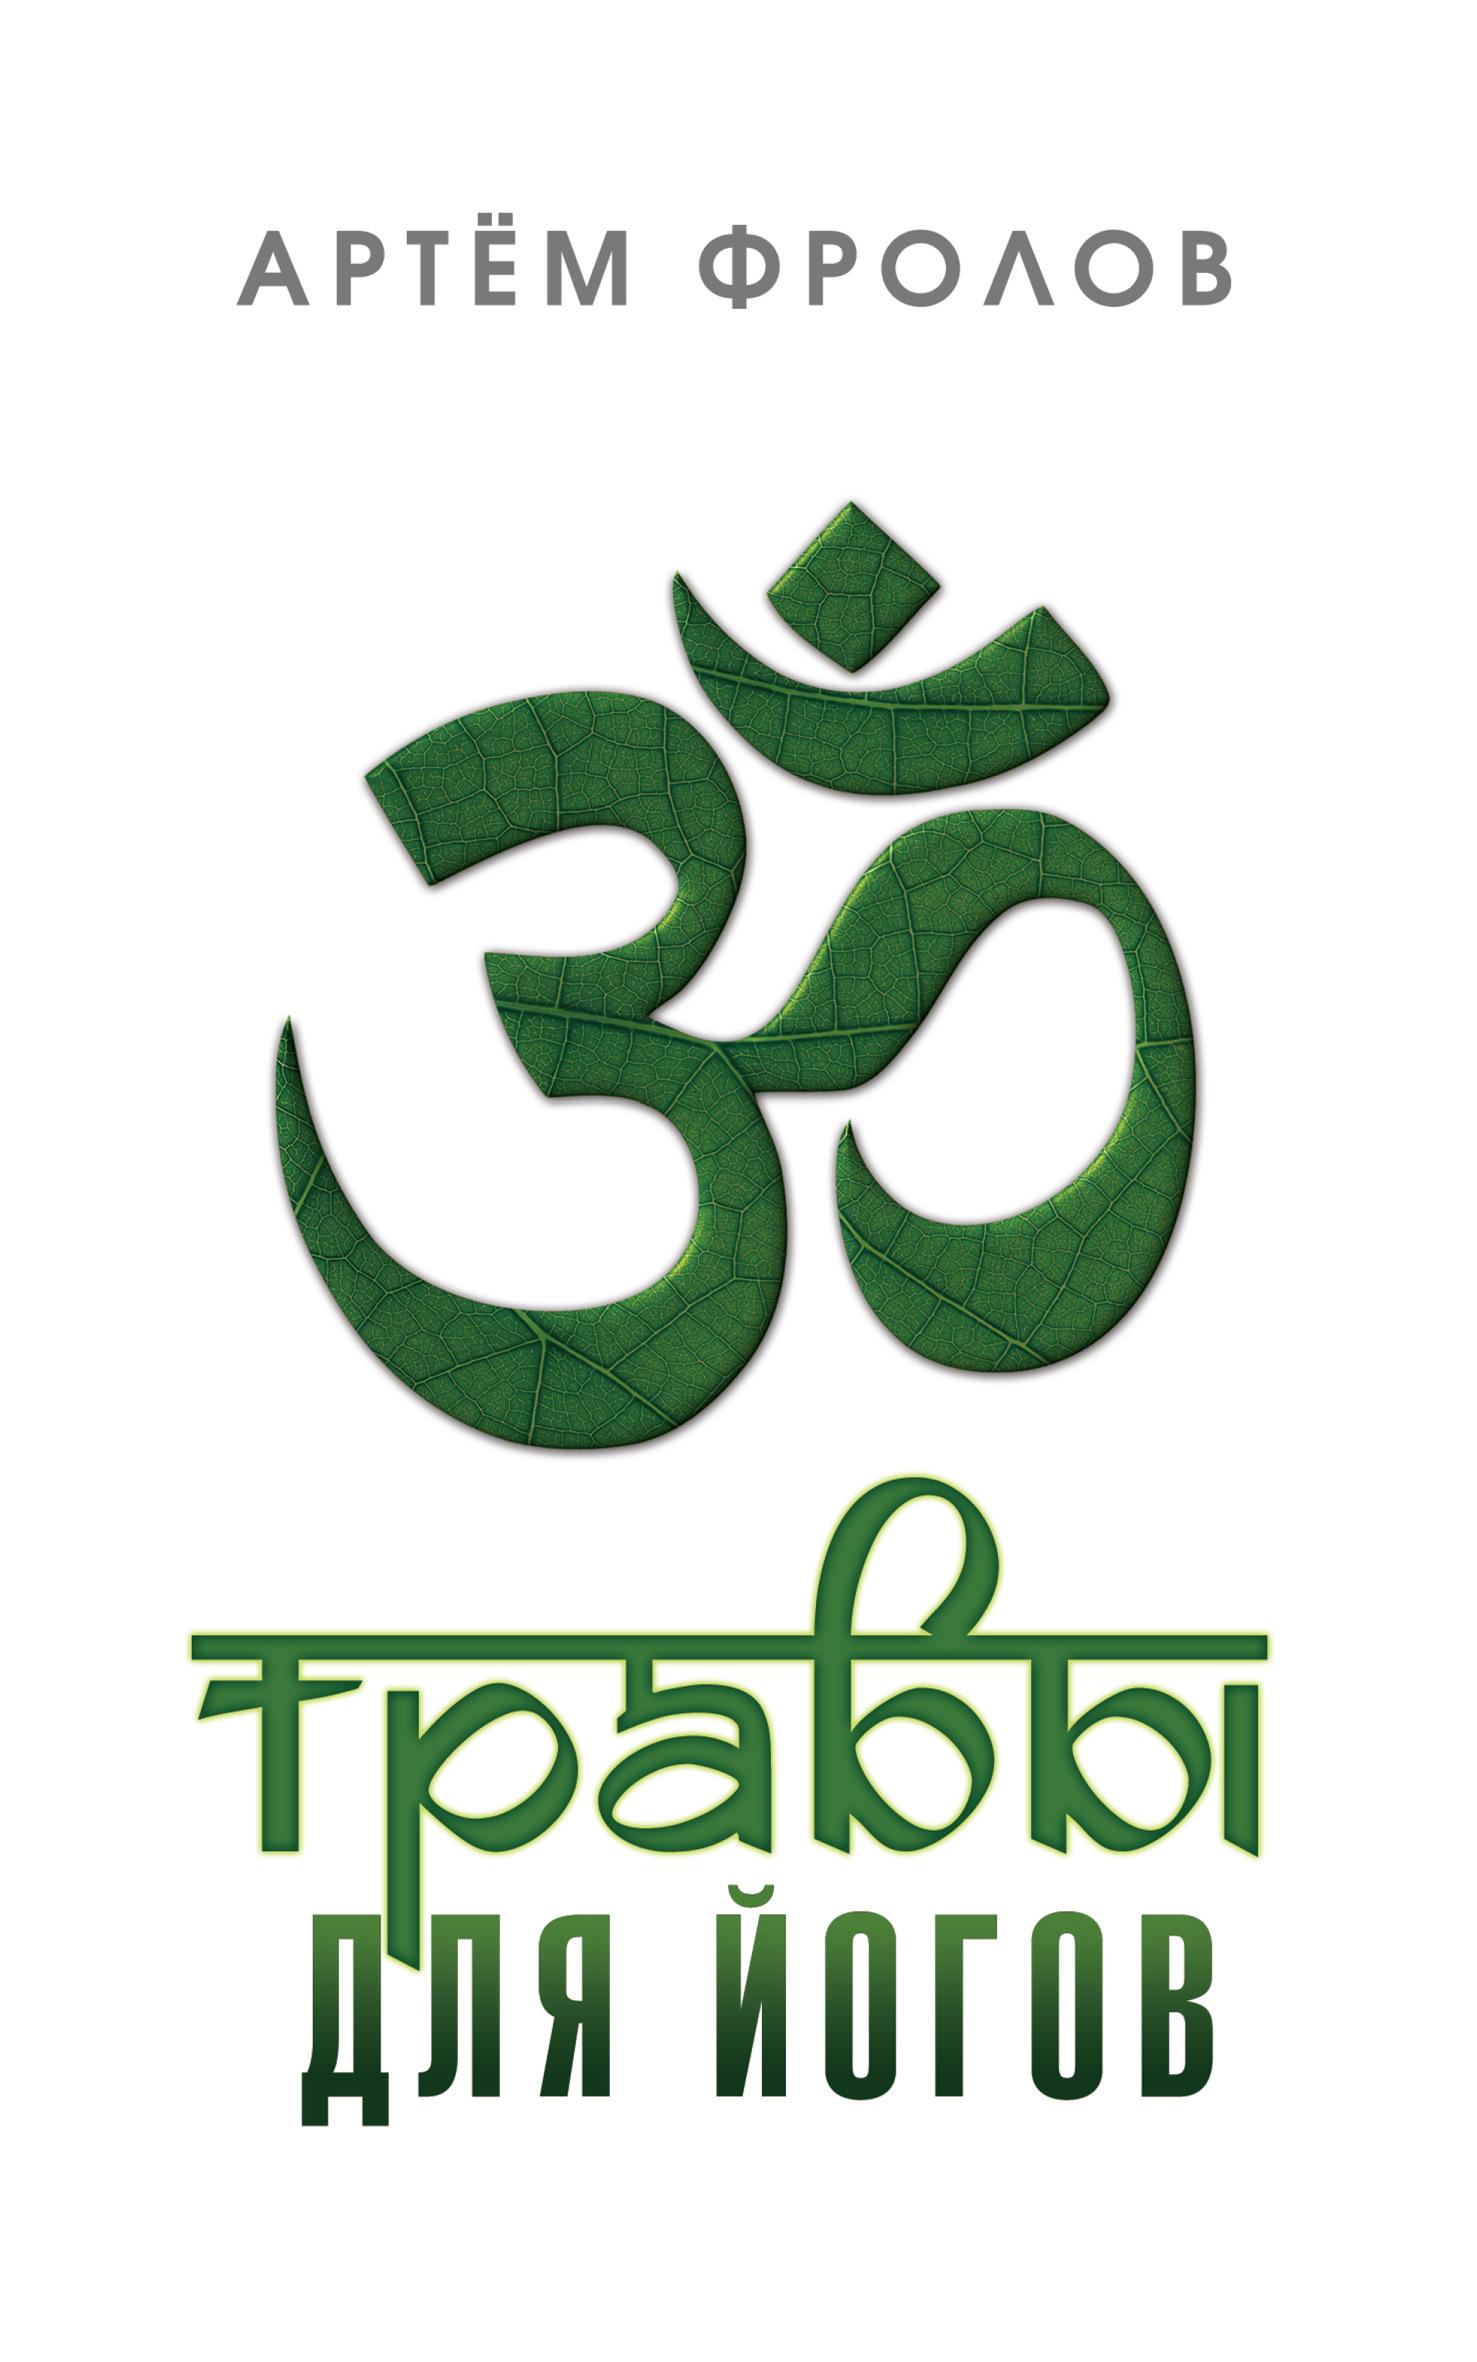 Травы для йогов. Очистительные процедуры хатха-йоги и использование растений среднего климатического пояса в различных направлениях йогической практики